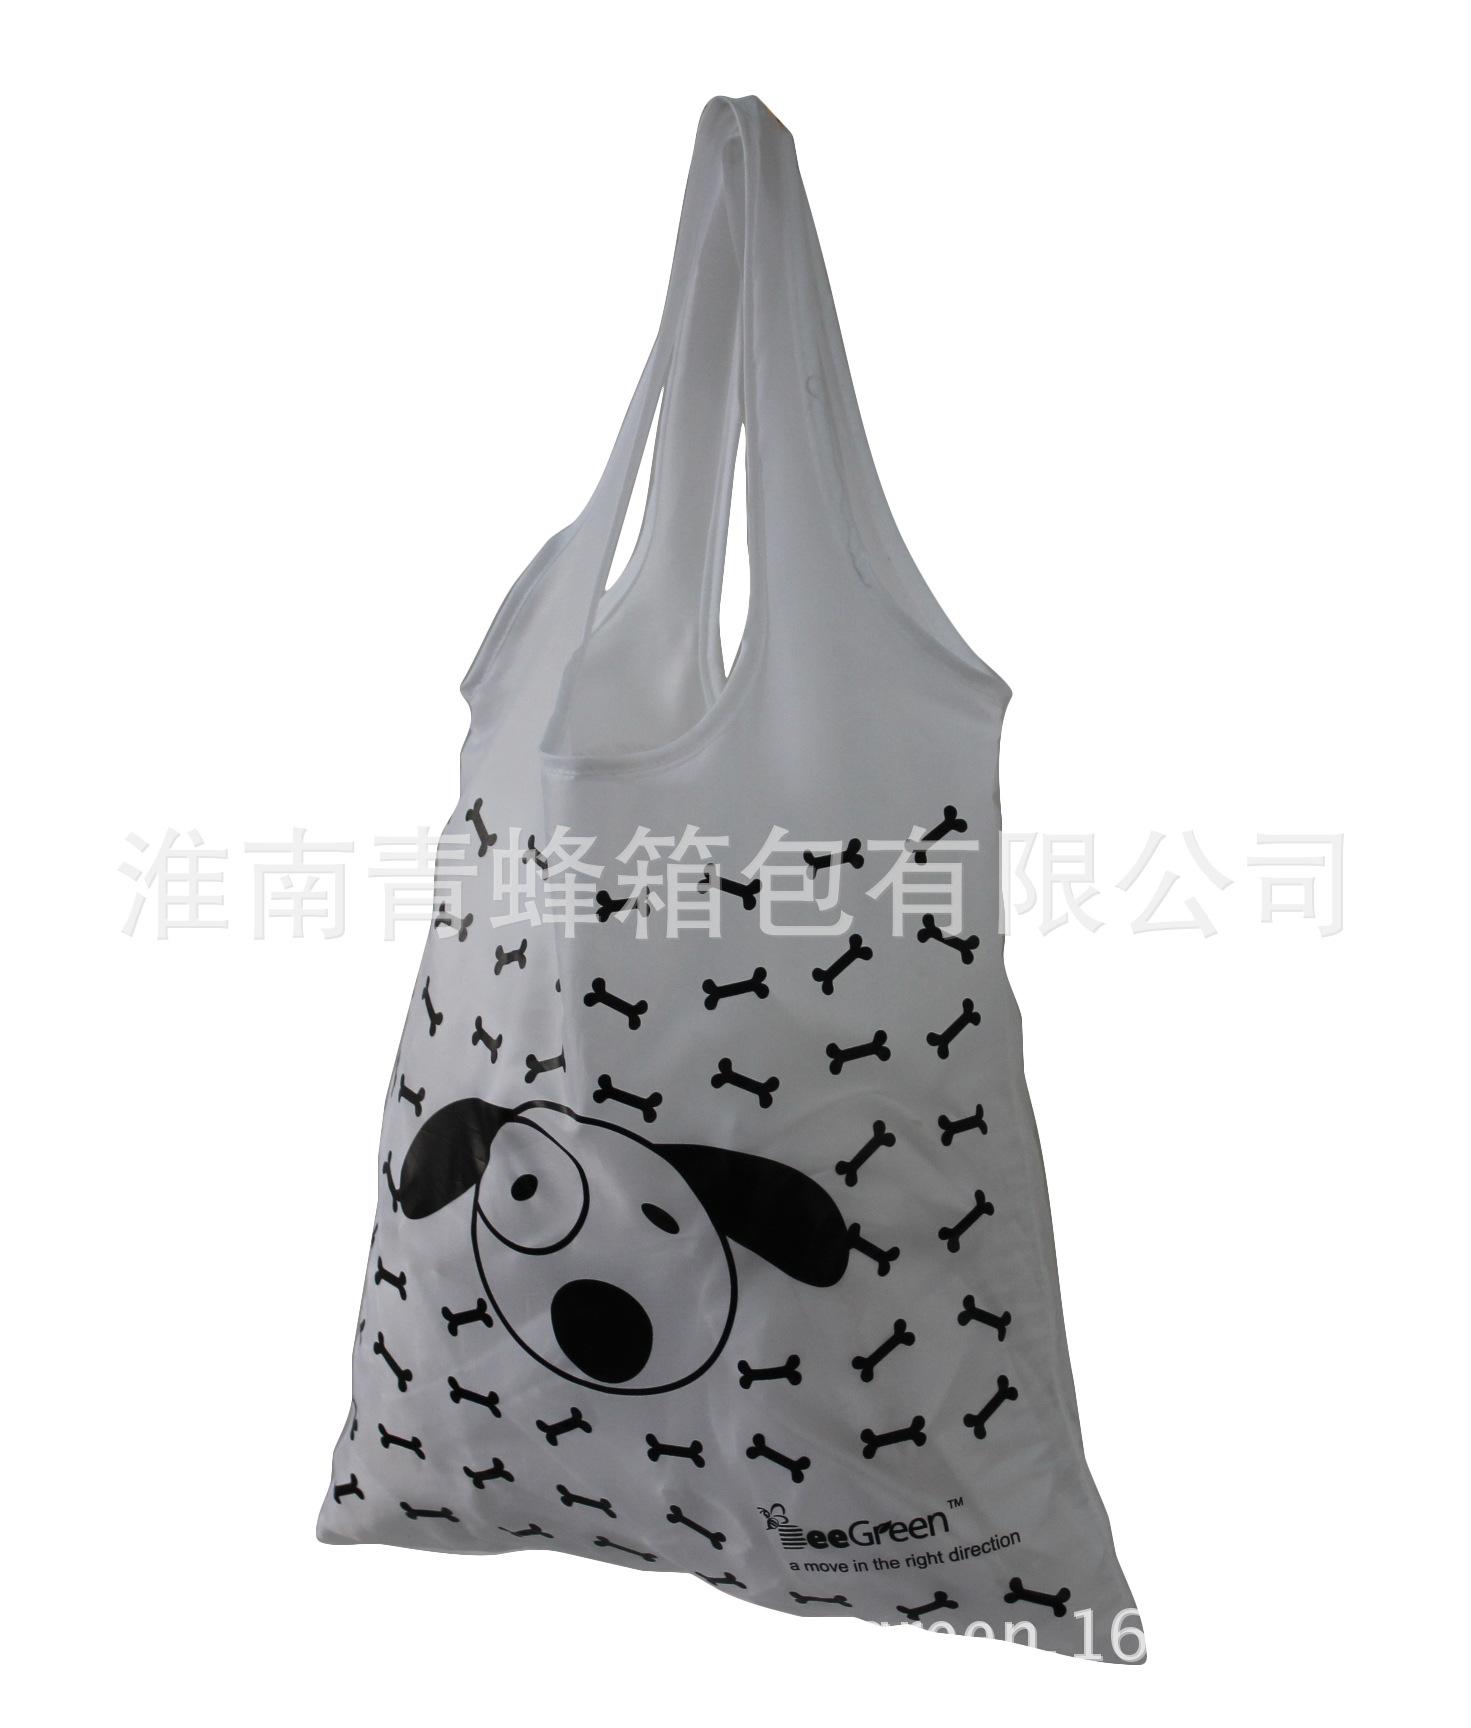 趣味折叠袋定制 礼物促销袋 小动物折叠购物袋 涤纶布袋 创意袋